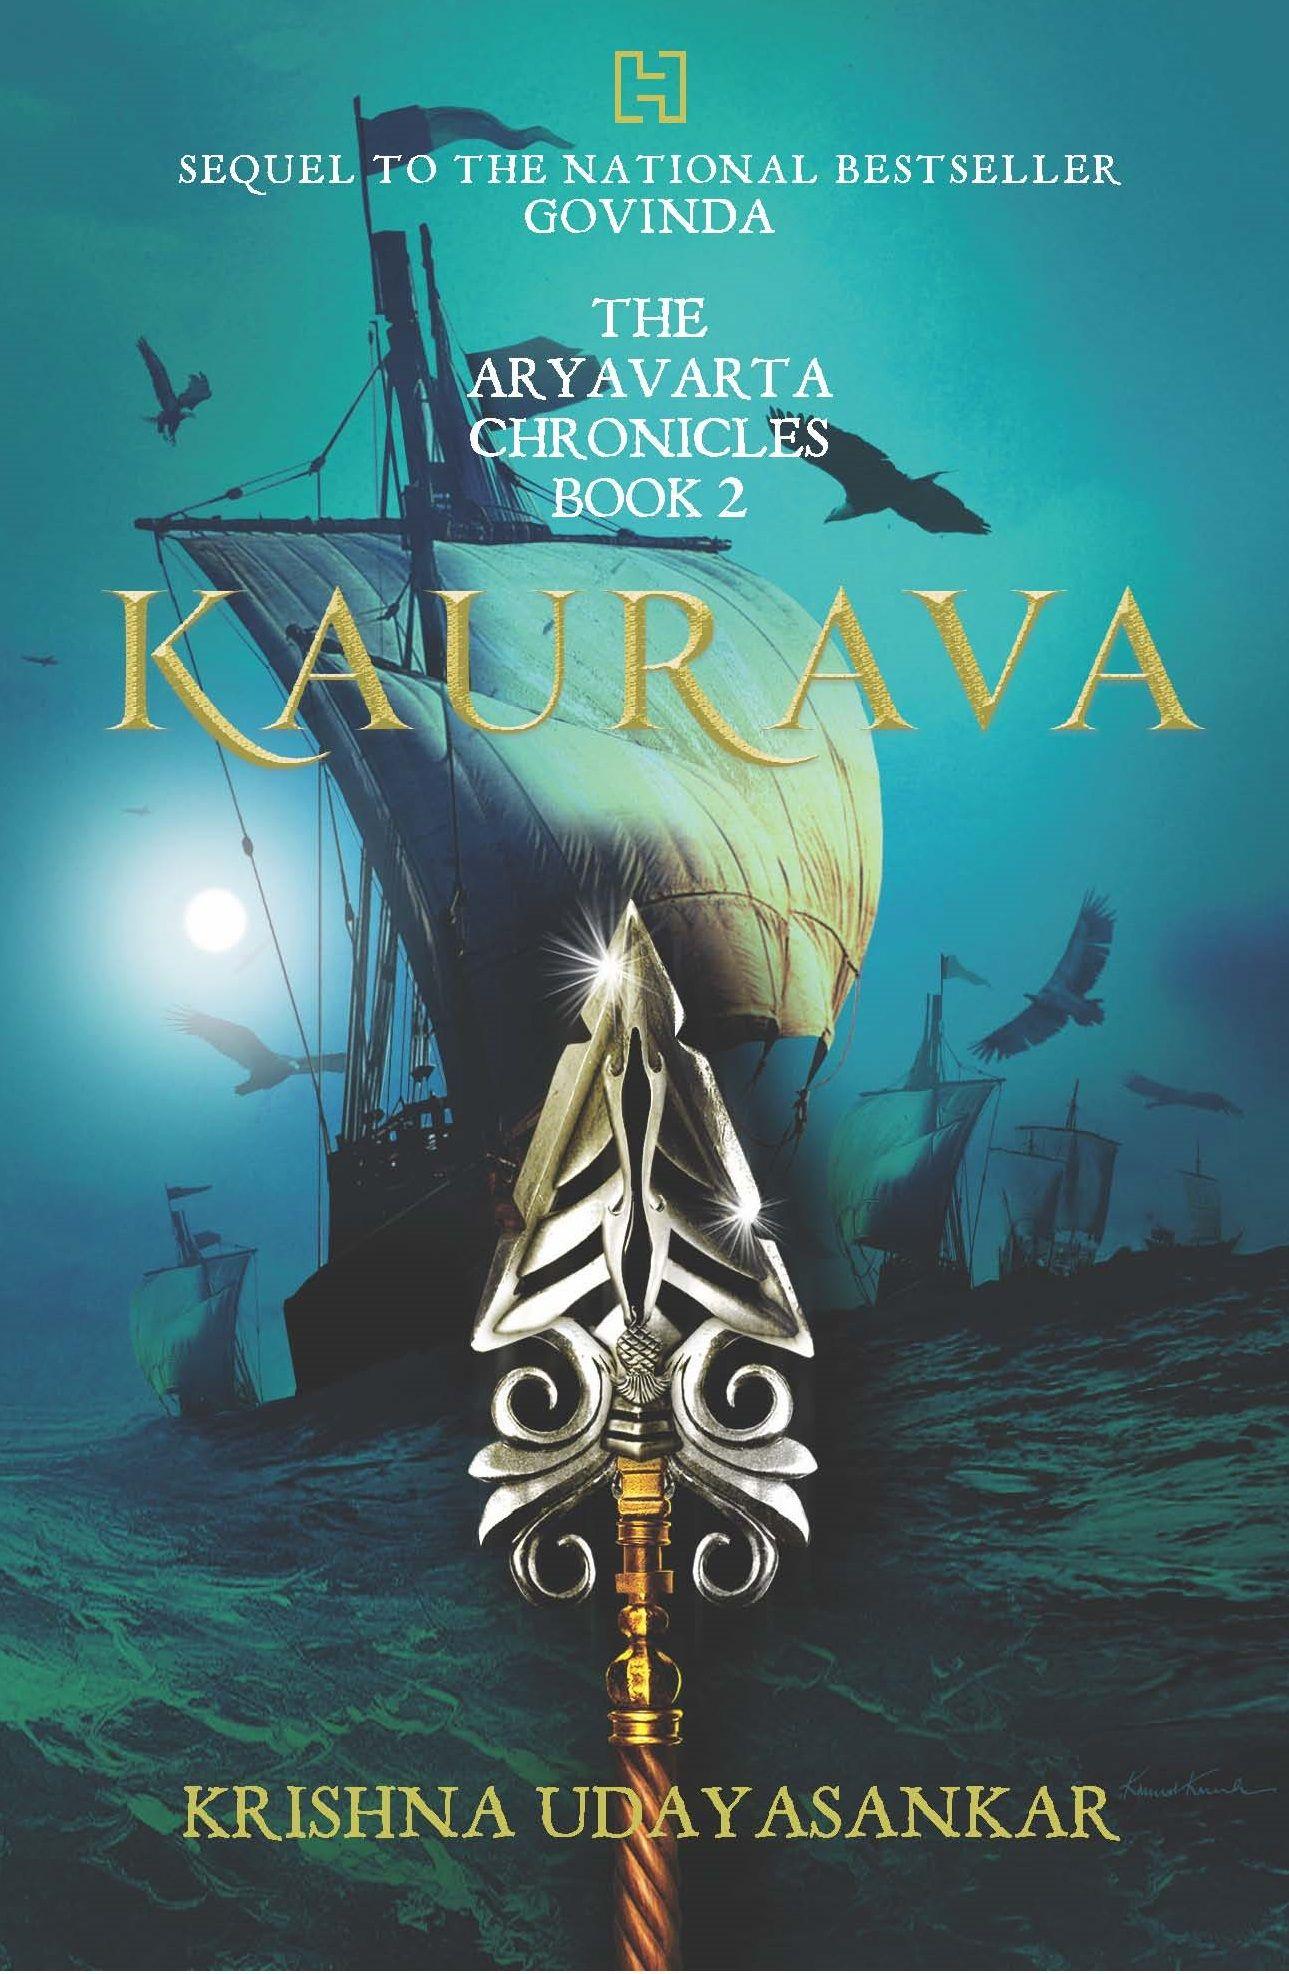 The Aryavarta Chronicles Govinda Epub